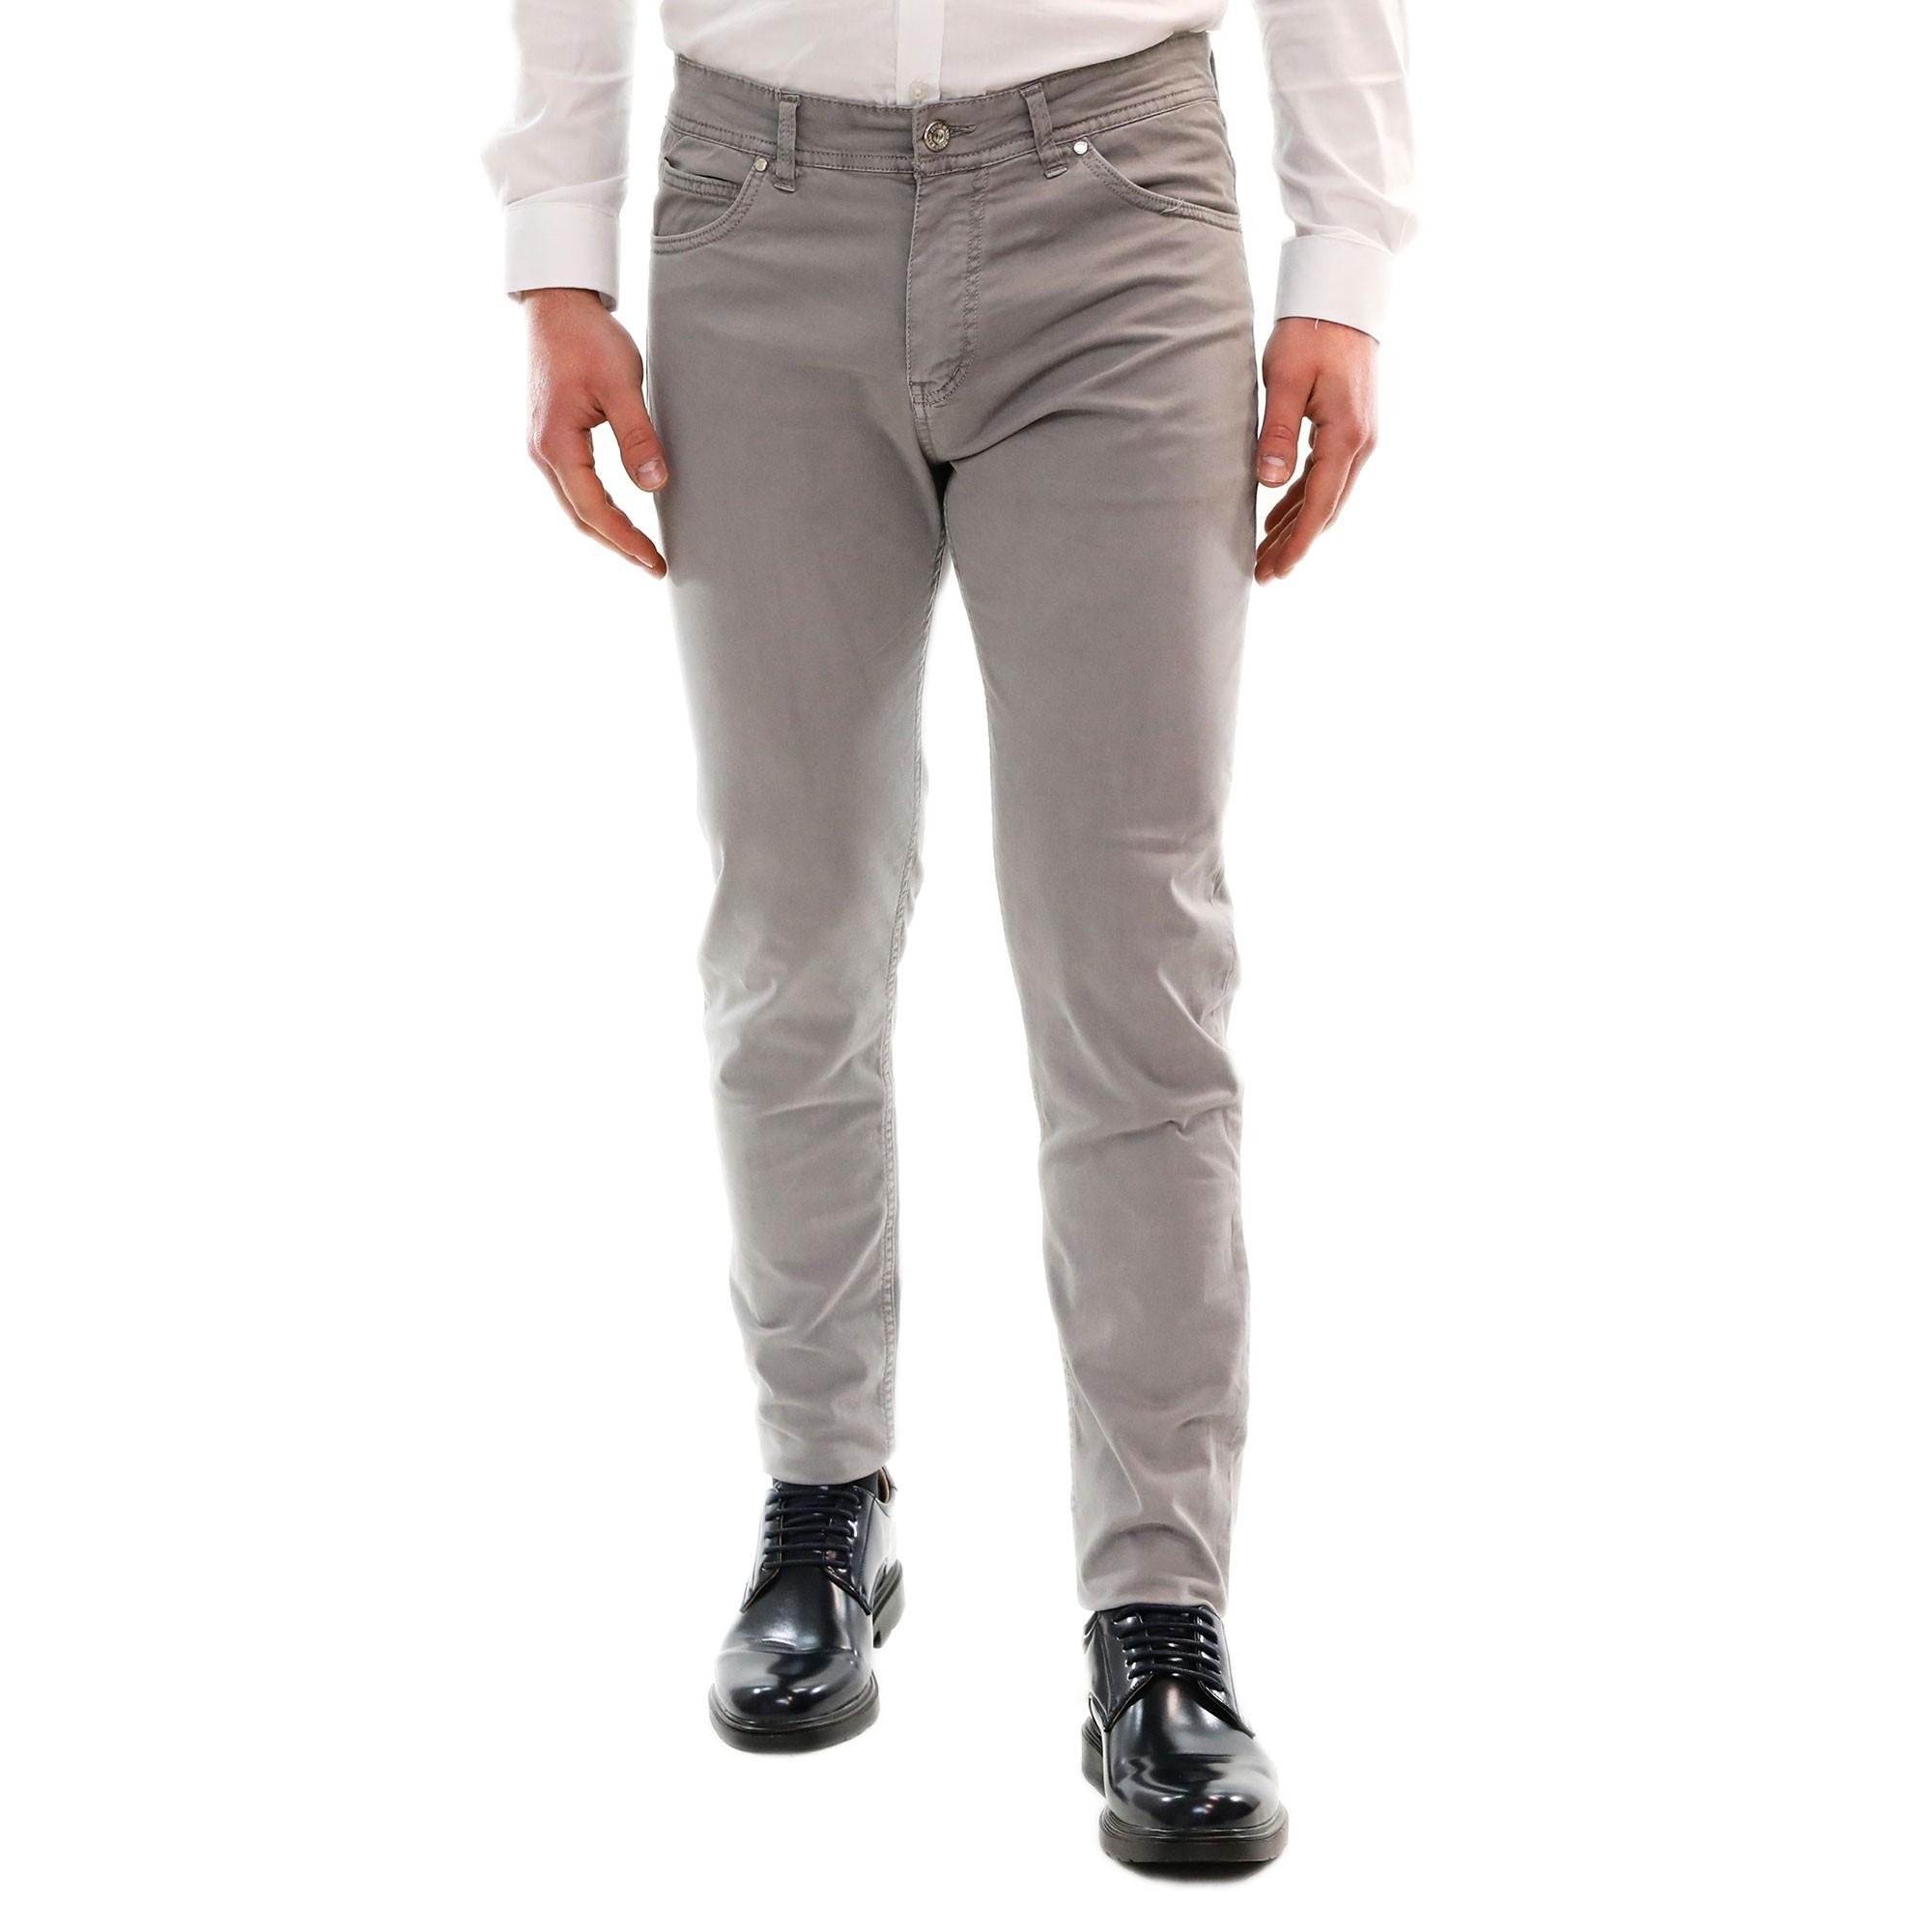 4dc1d19df4 PANTALONE UOMO ELEGANTE Grigio Slim fit Cotone Chino Jeans Casual 5 Tasche